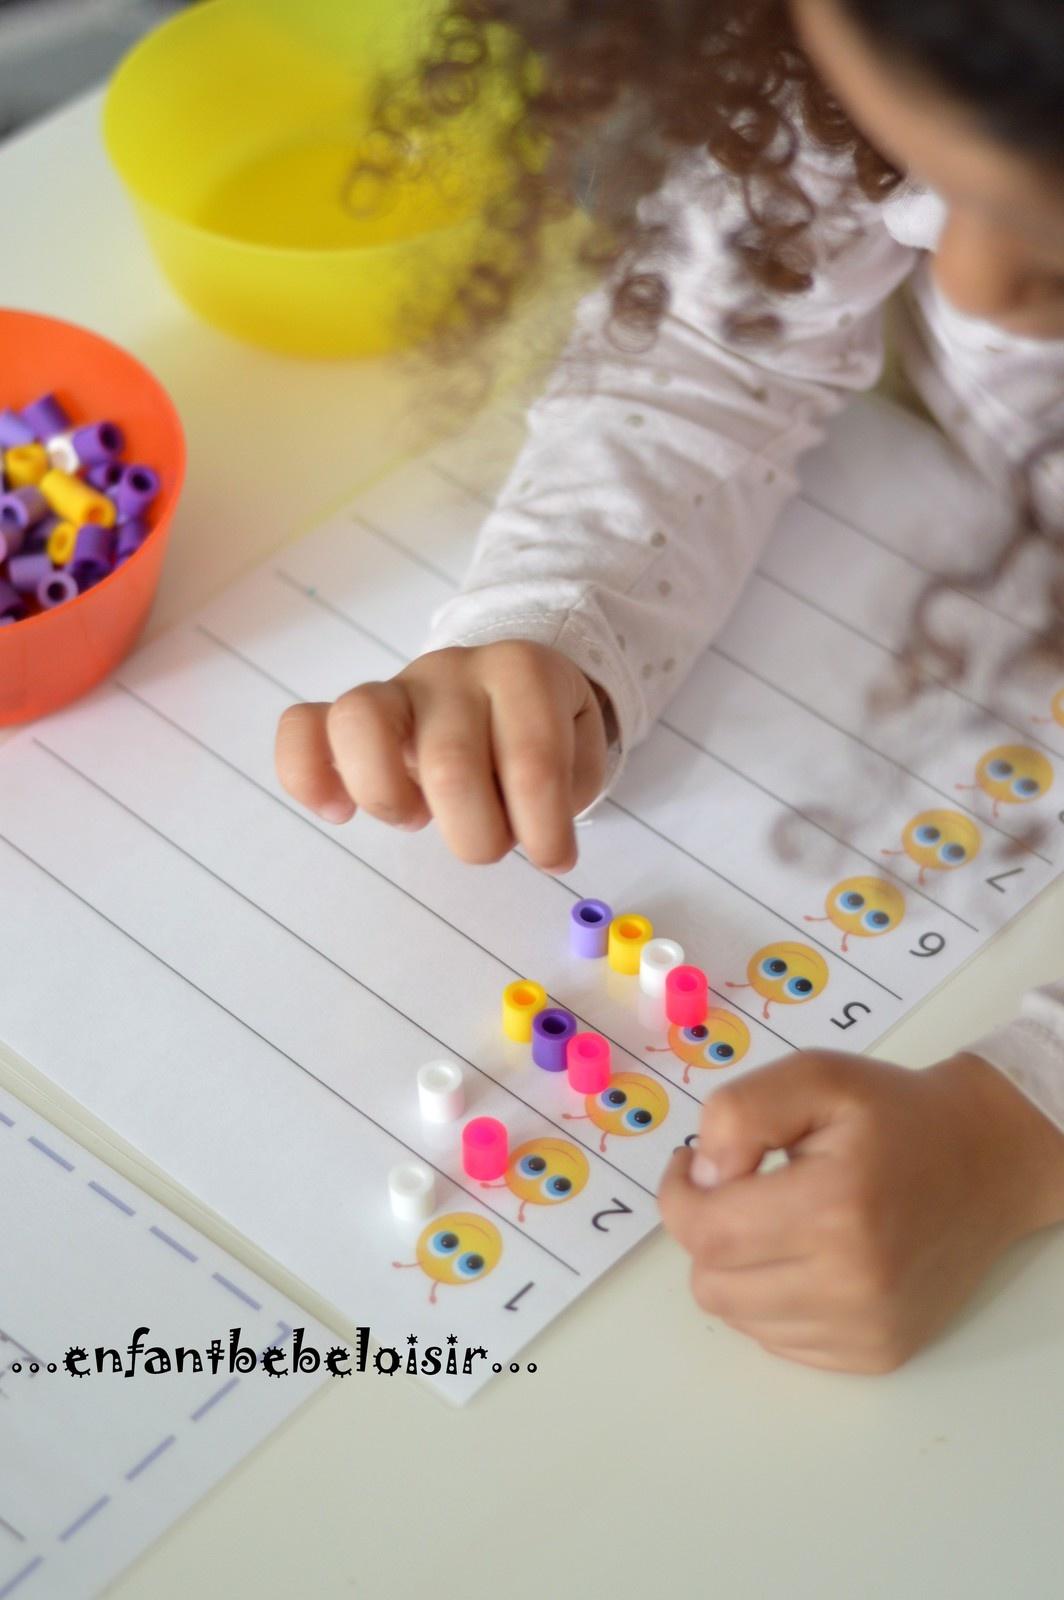 Fiche Exercice À Compter - Pdf À Imprimer - Enfant Bébé Loisir tout Fiche Maternelle Petite Section A Imprimer